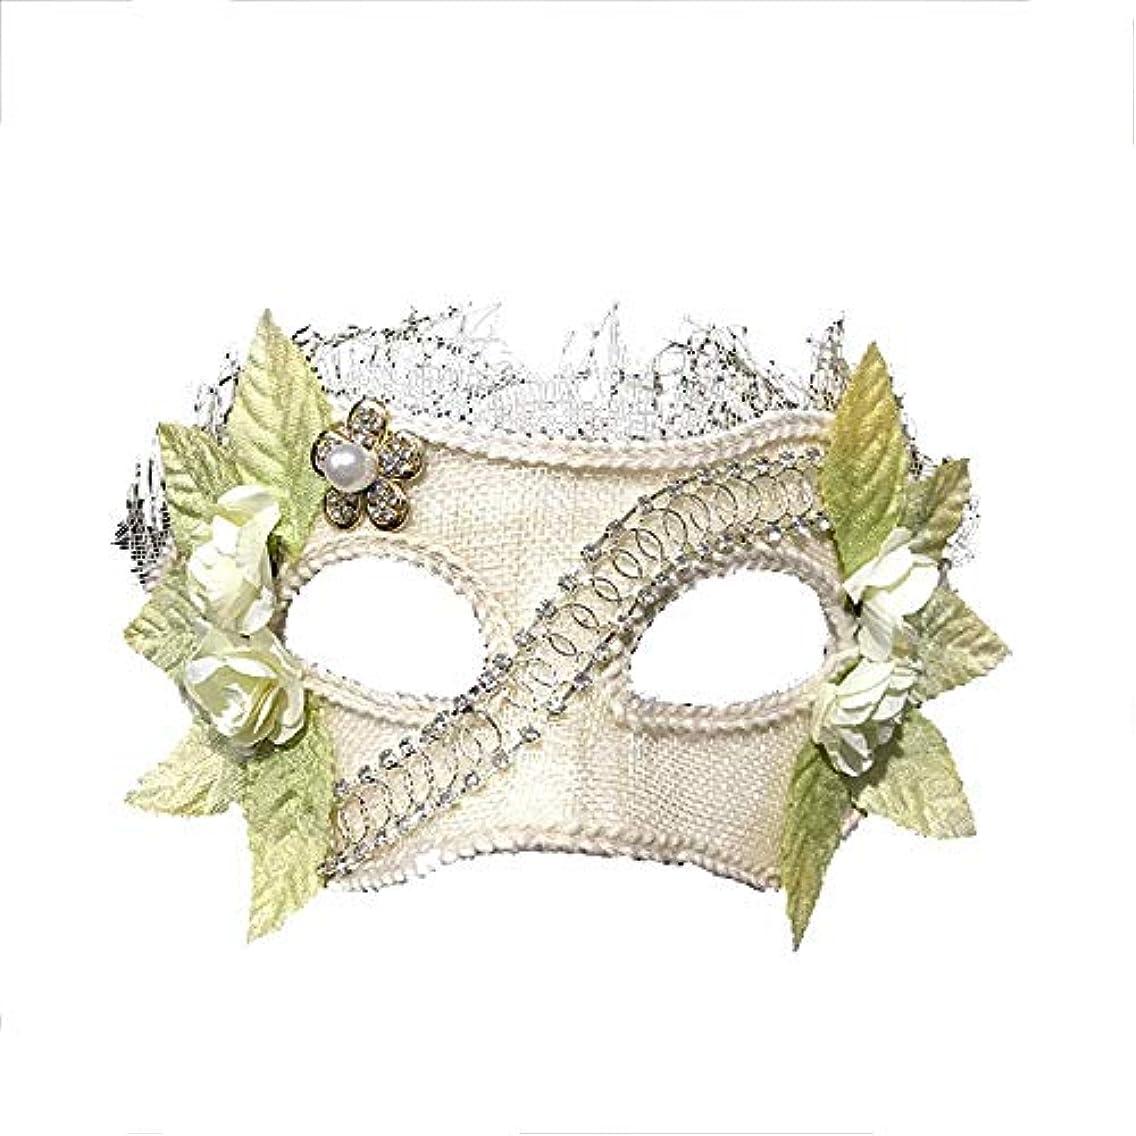 活発放射能入手しますNanle ハロウィンクリスマスフラワーフェザービーズマスク仮装マスクレディミスプリンセス美容祭パーティーデコレーションマスク (色 : Style A)